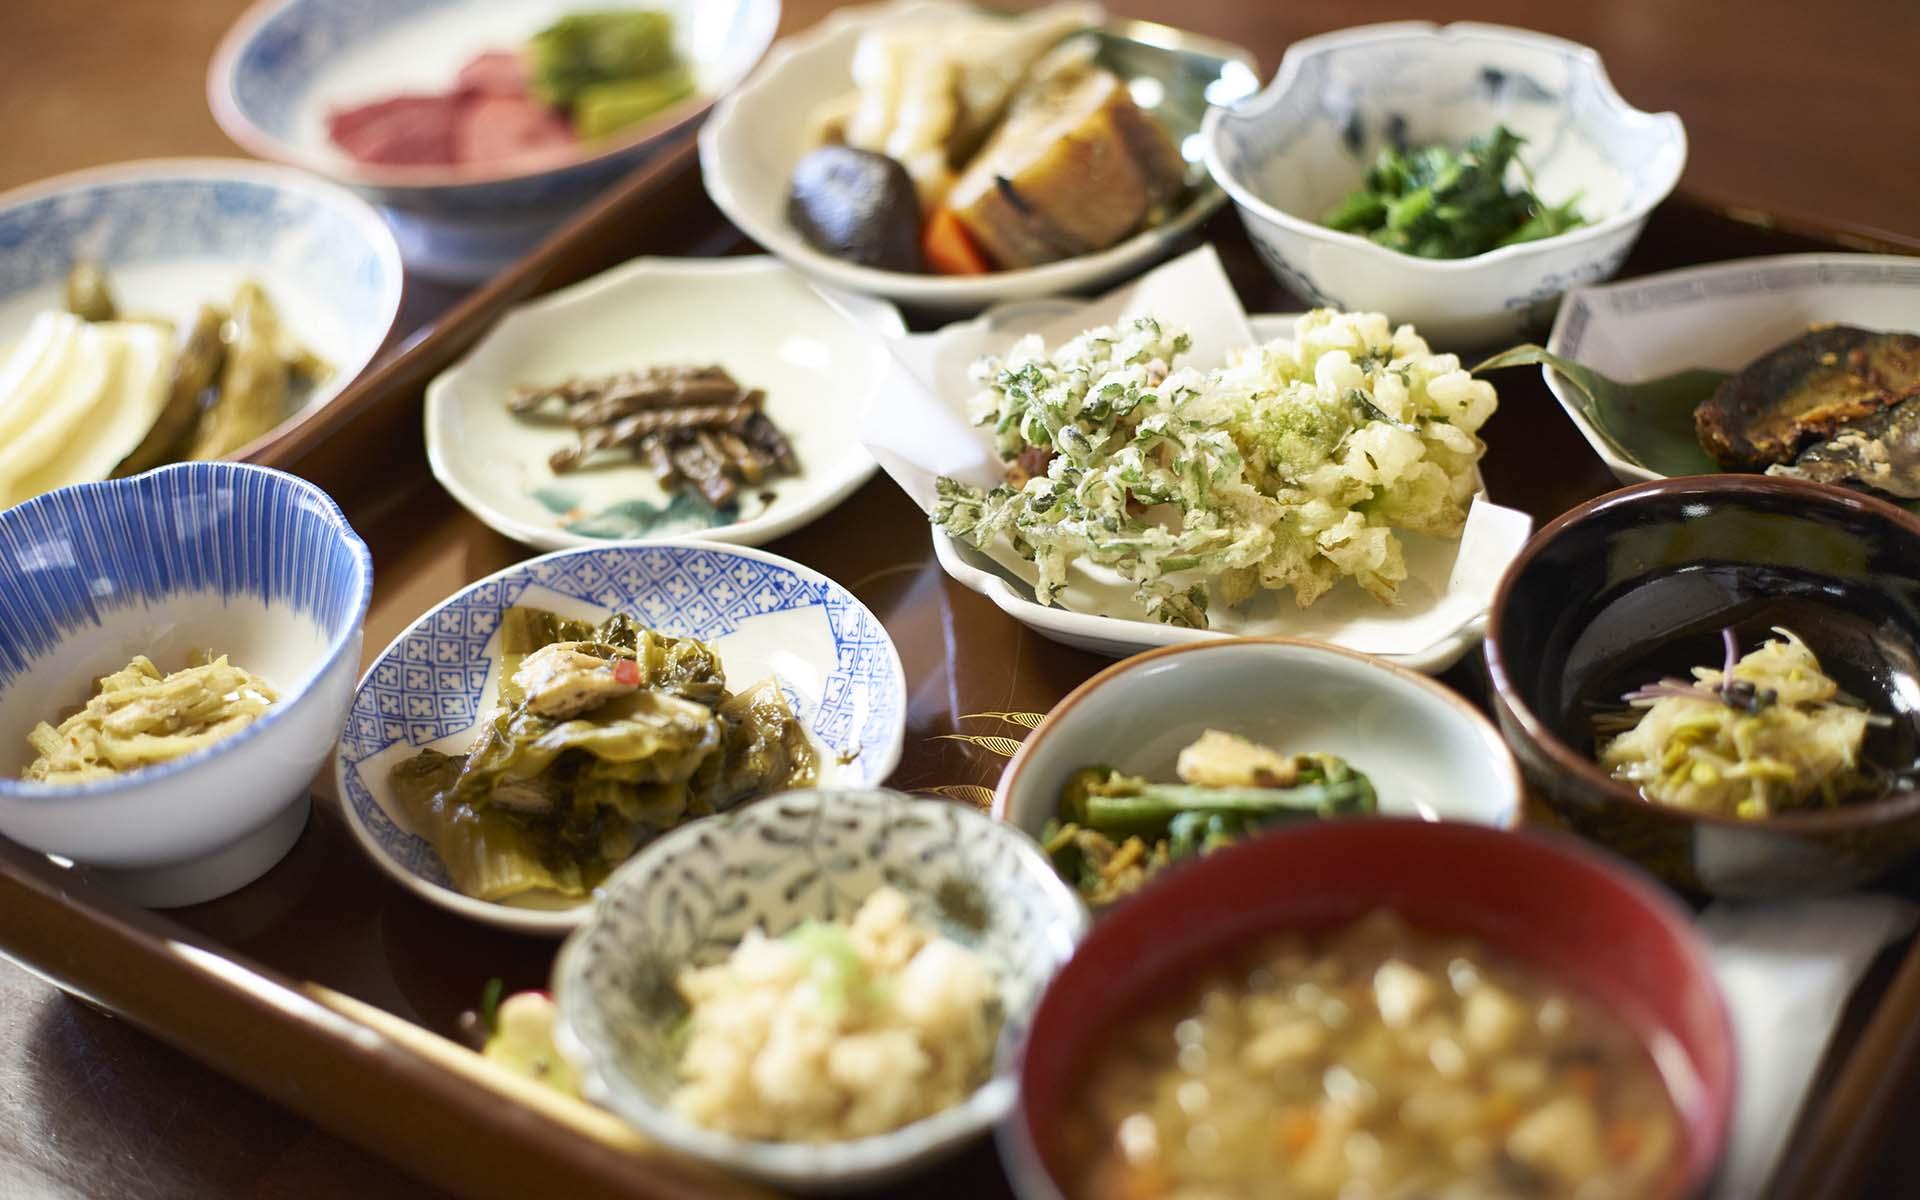 津軽の伝承料理をフルコースで味わえる。「津軽あかつきの会」が仕掛ける、楽しい「食の伝え方」